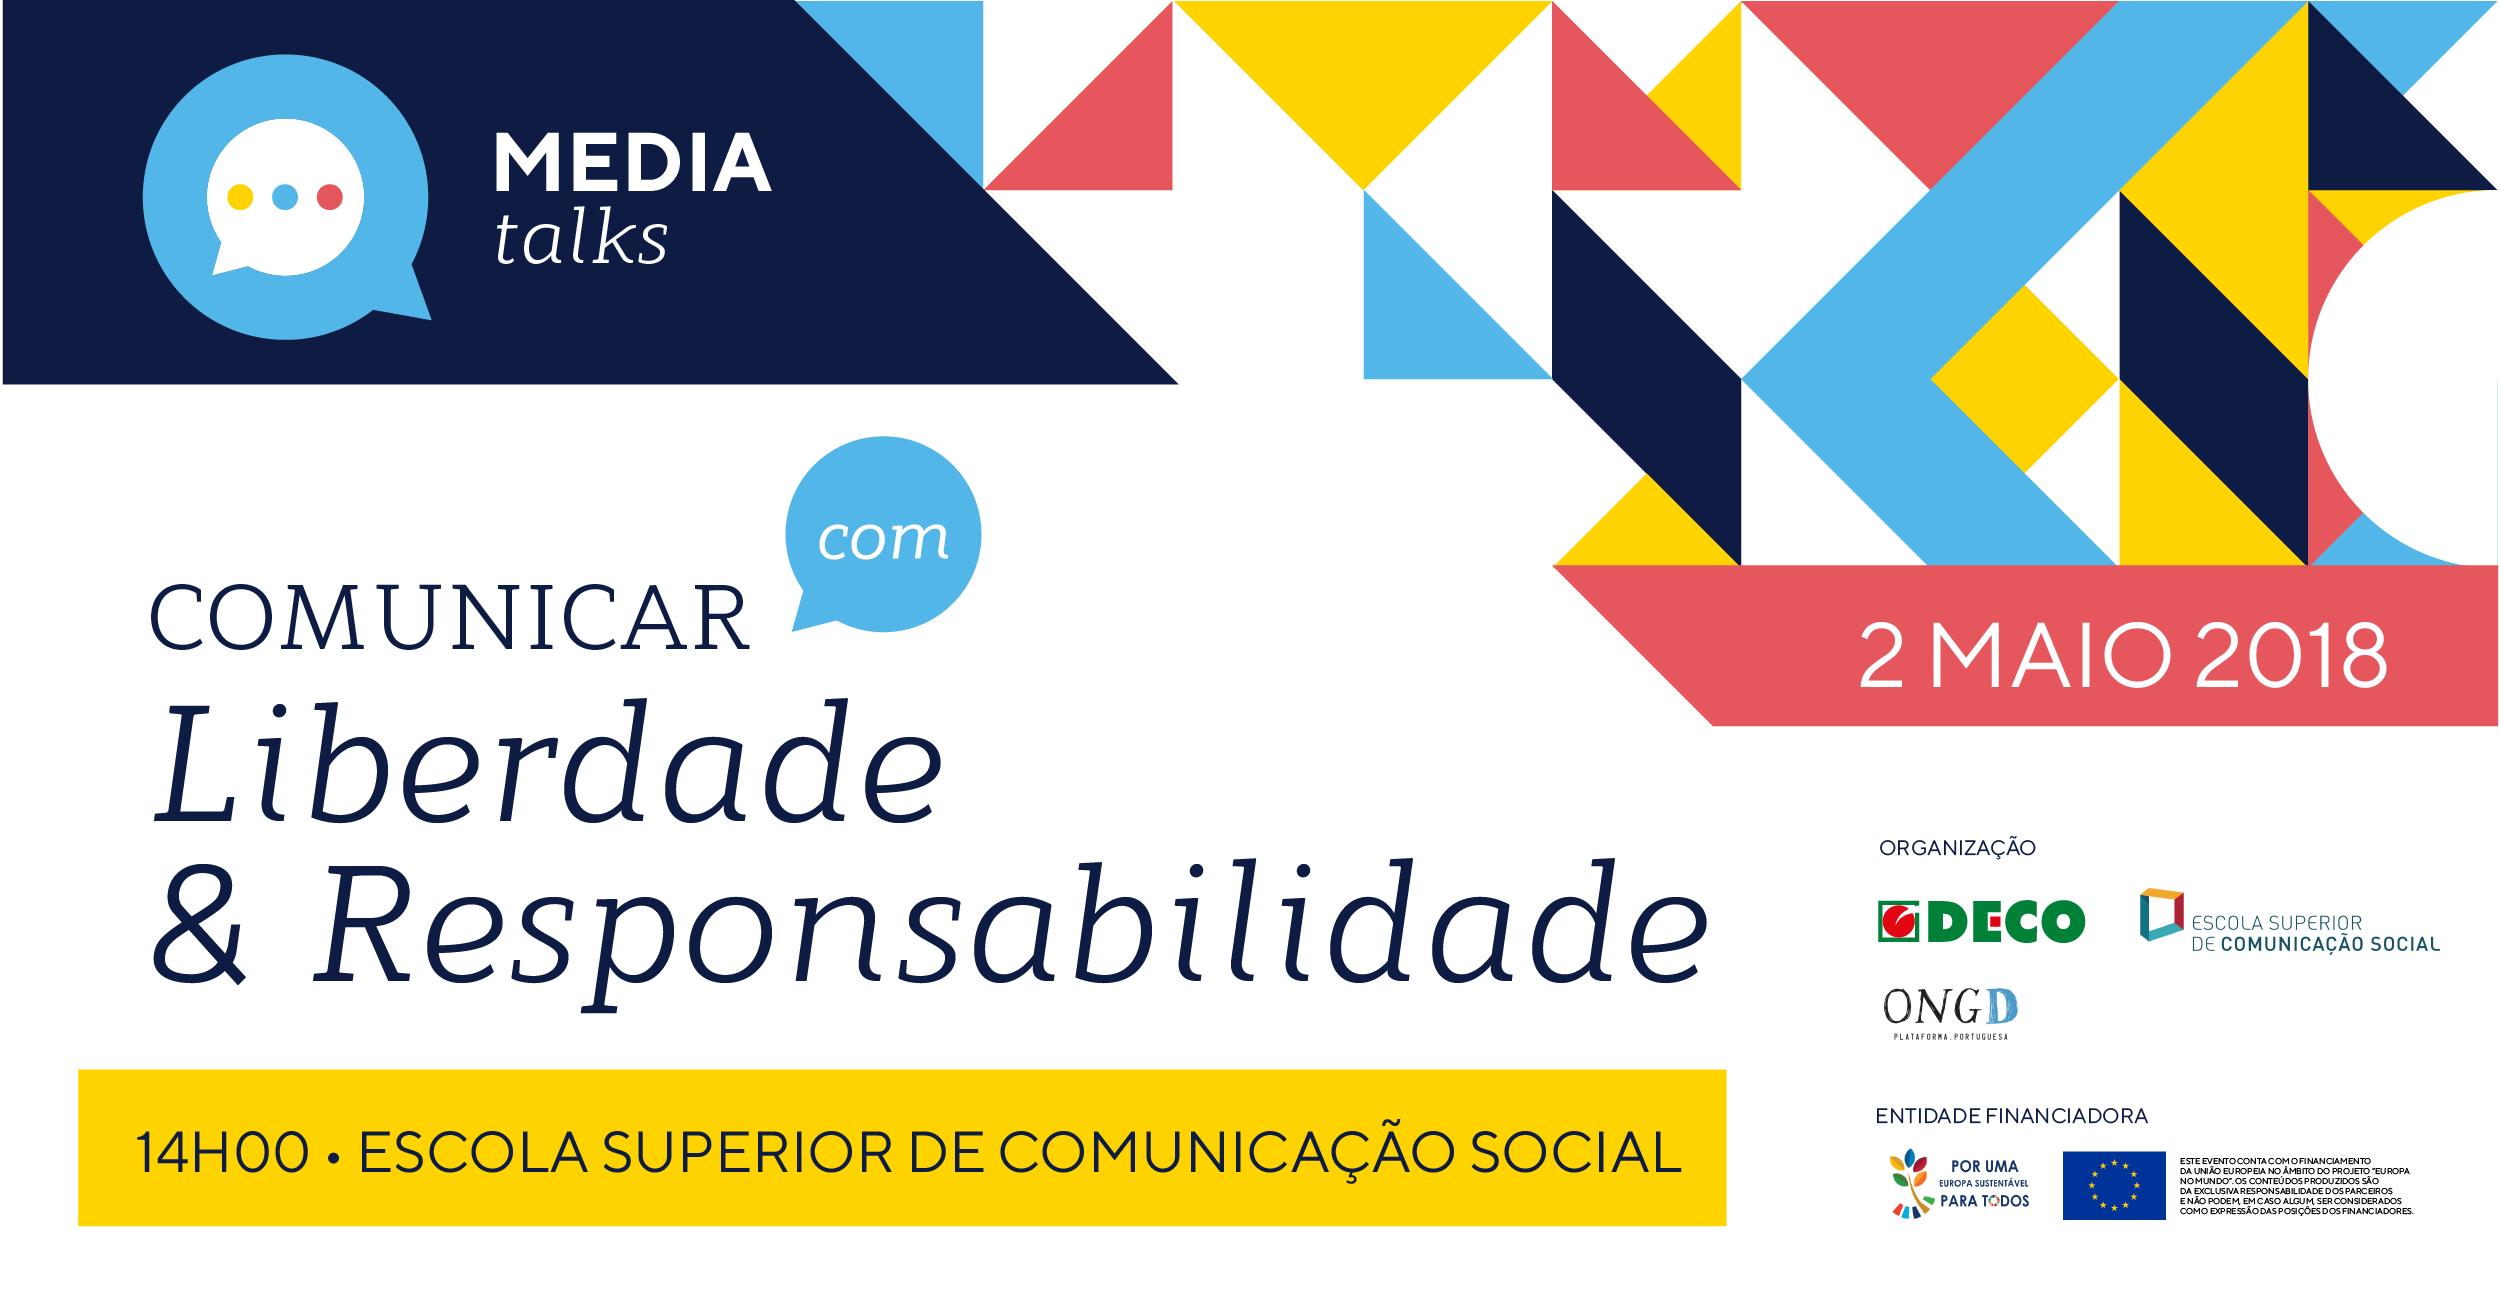 Media Talks: Comunicar (com) Liberdade & Responsabilidade